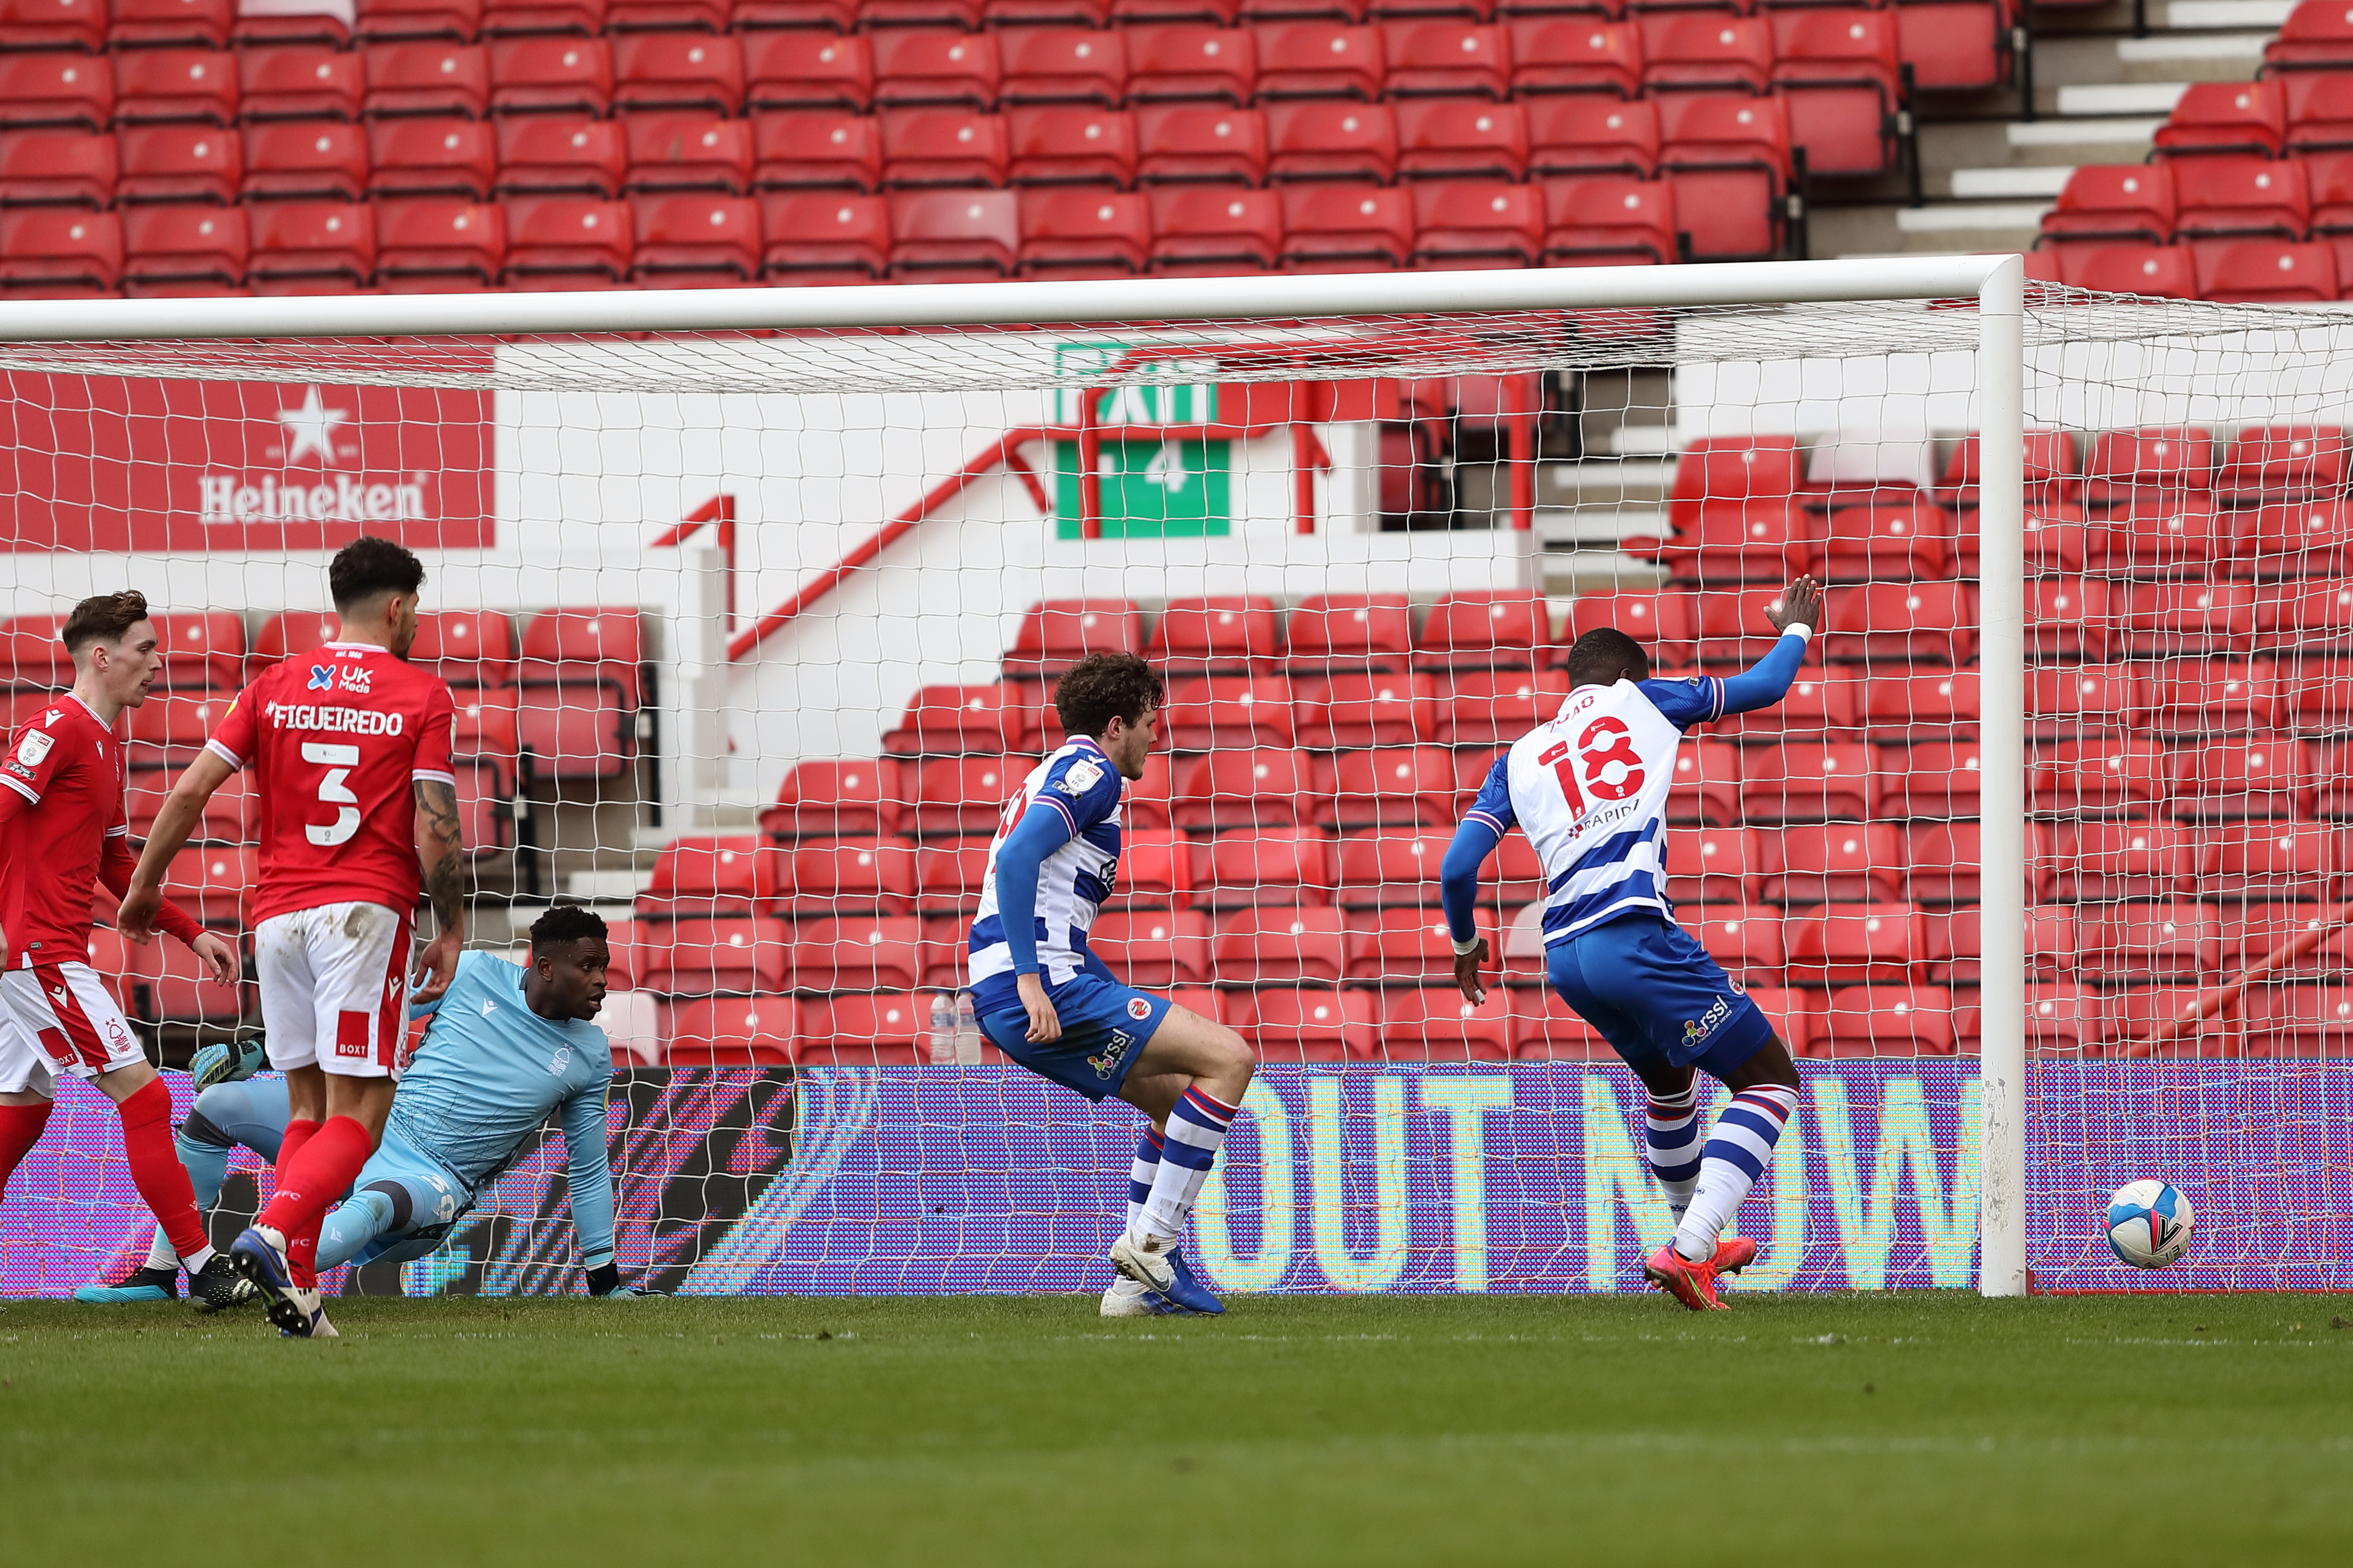 Nottingham Forest v Reading - Sky Bet Championship